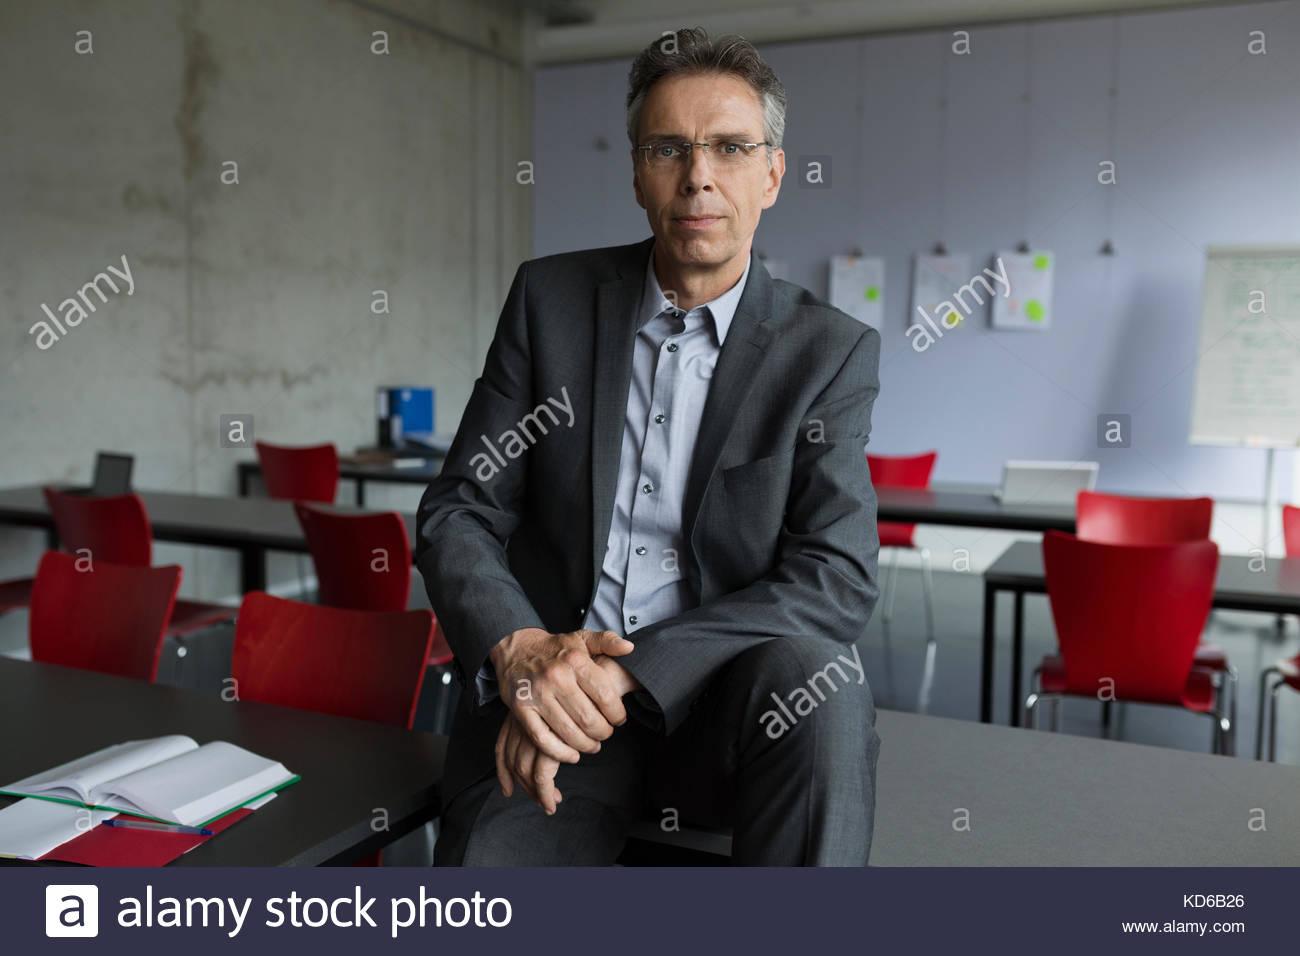 Portrait confident male professor in classroom - Stock Image